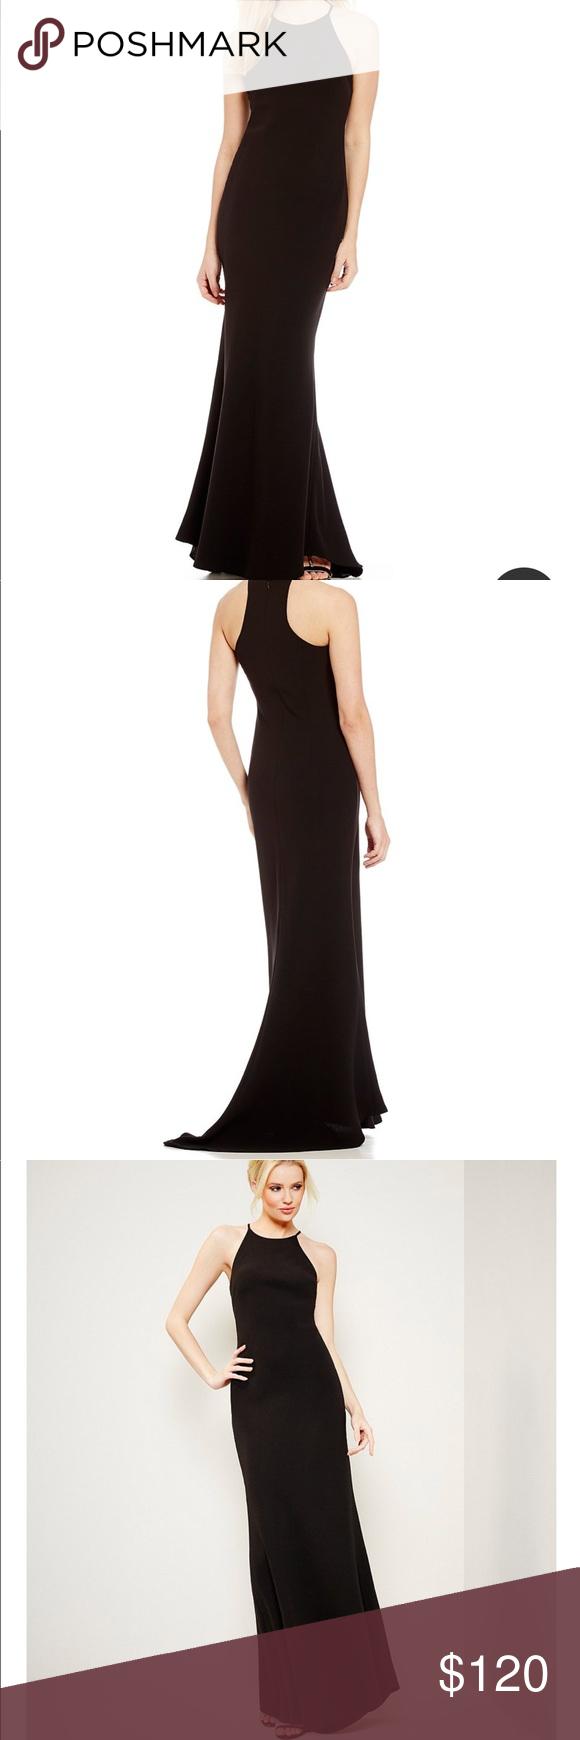 Calvin Klein Crepe Halter Gown In 2018 My Posh Closet Pinterest